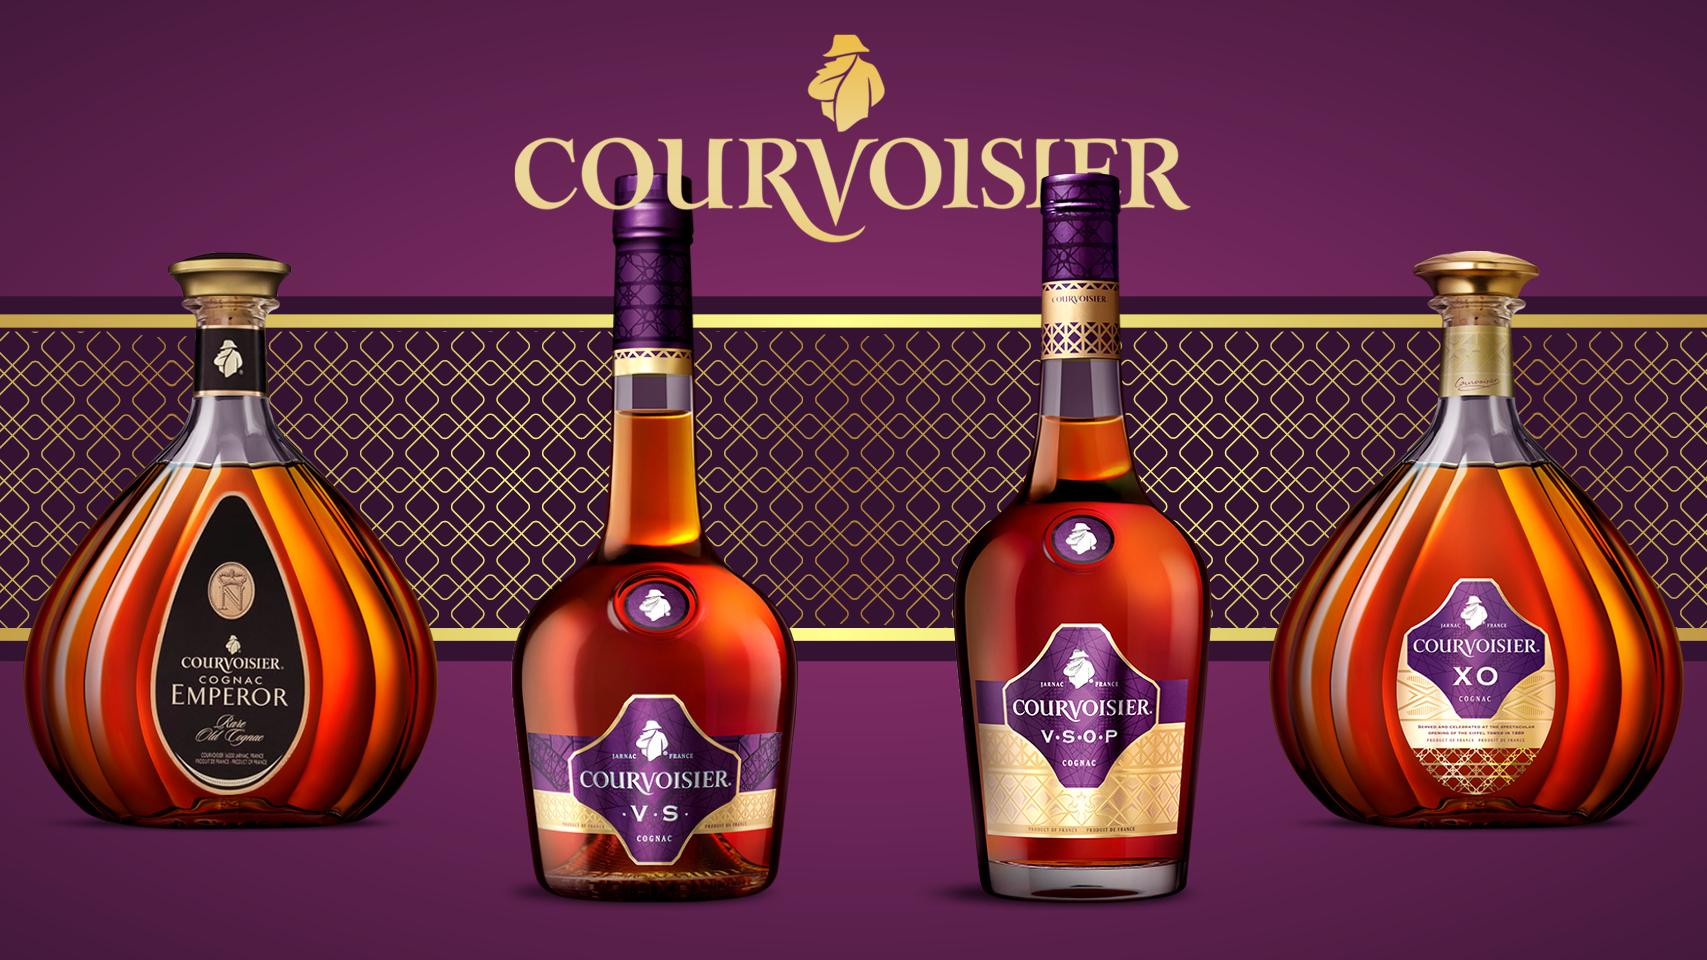 brand-page-banner-courvoisier.jpg